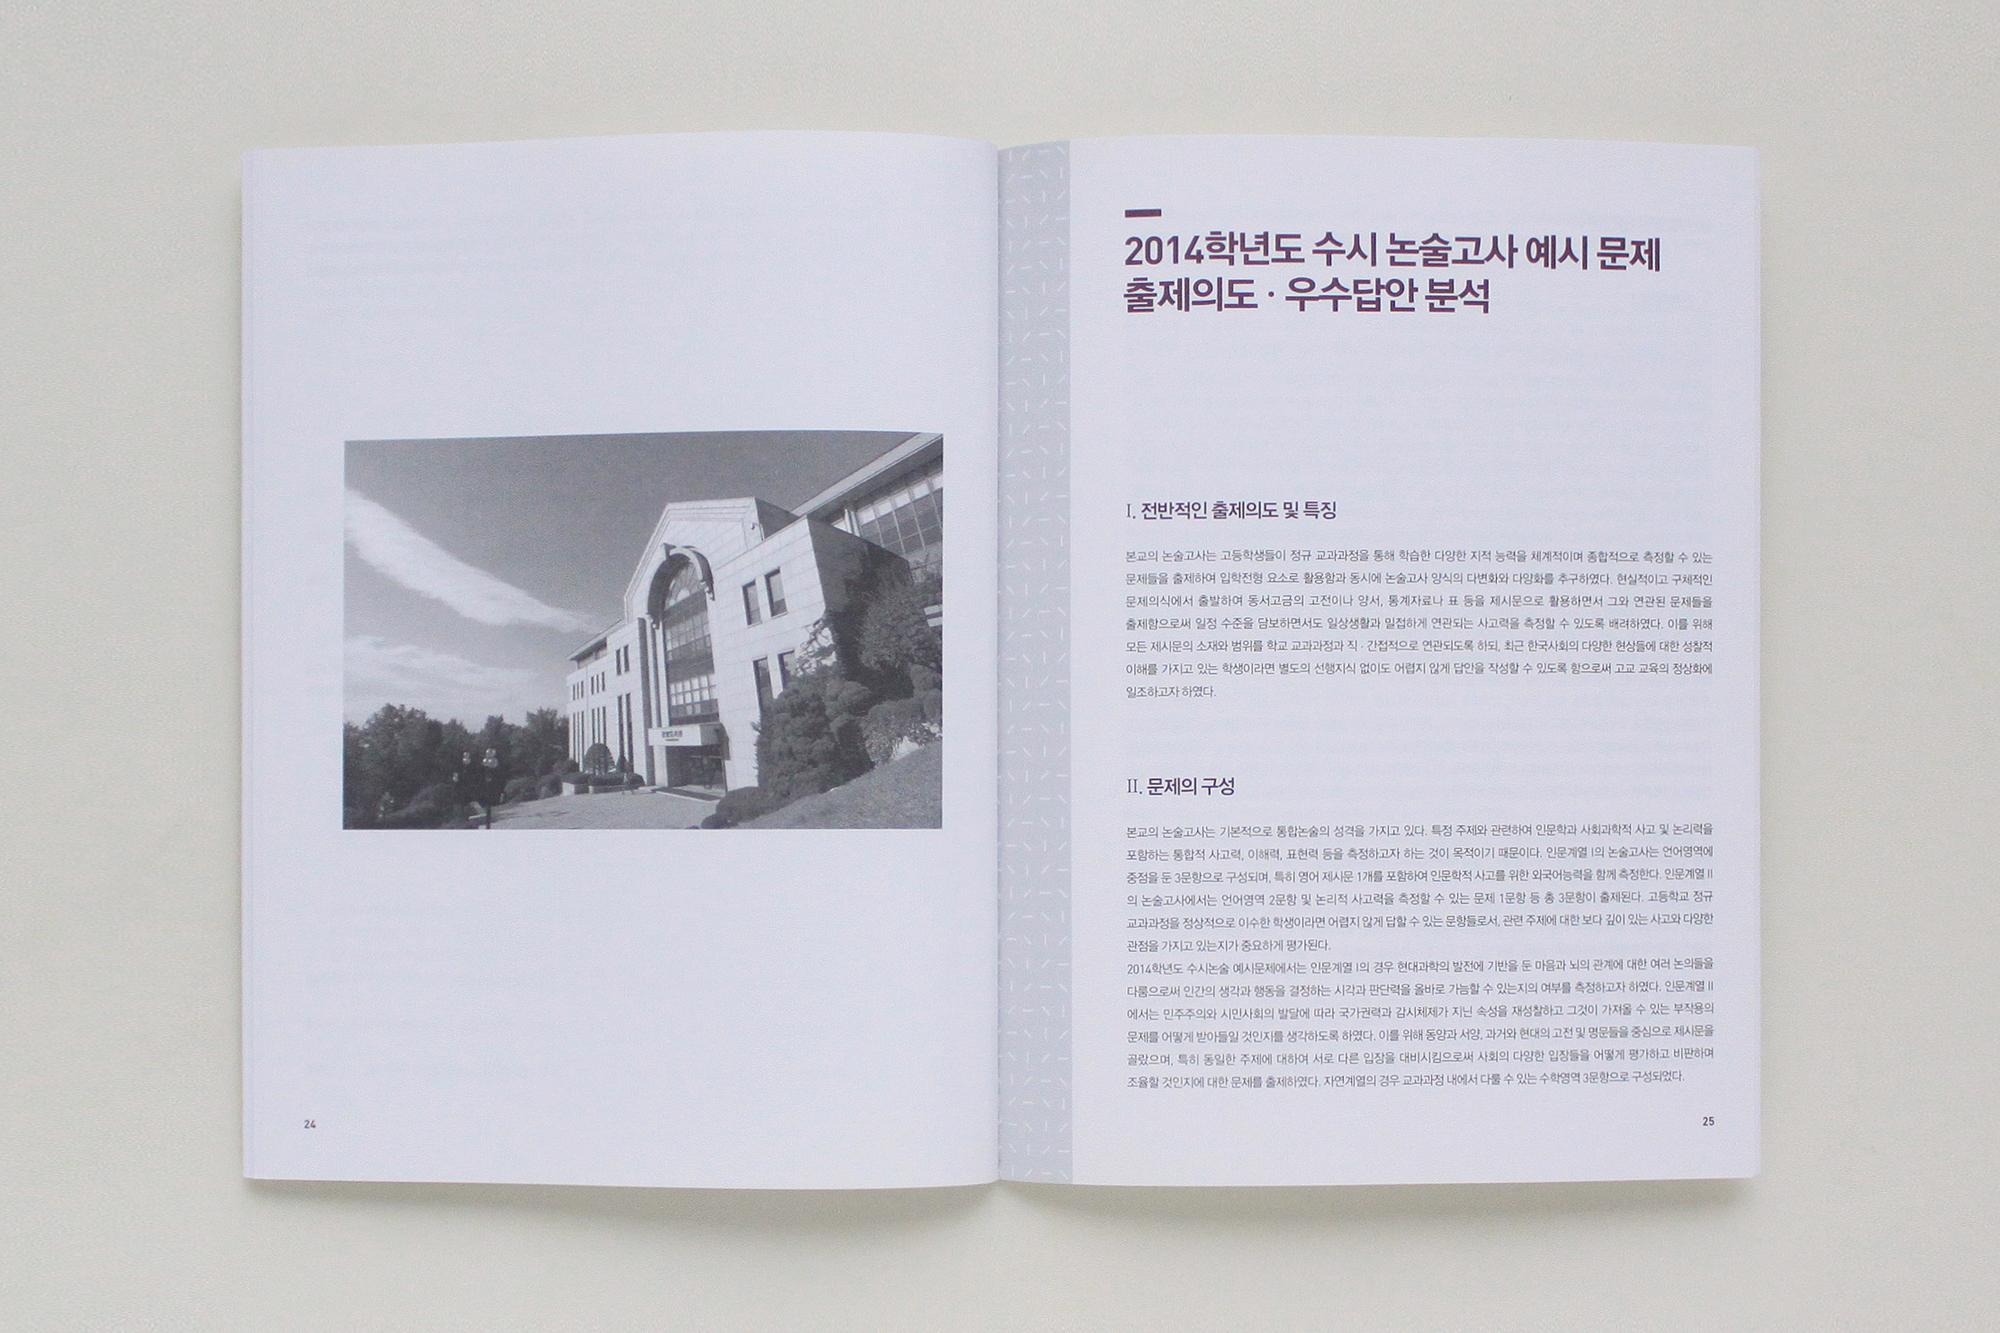 2014-이대논술고사안내 (7)